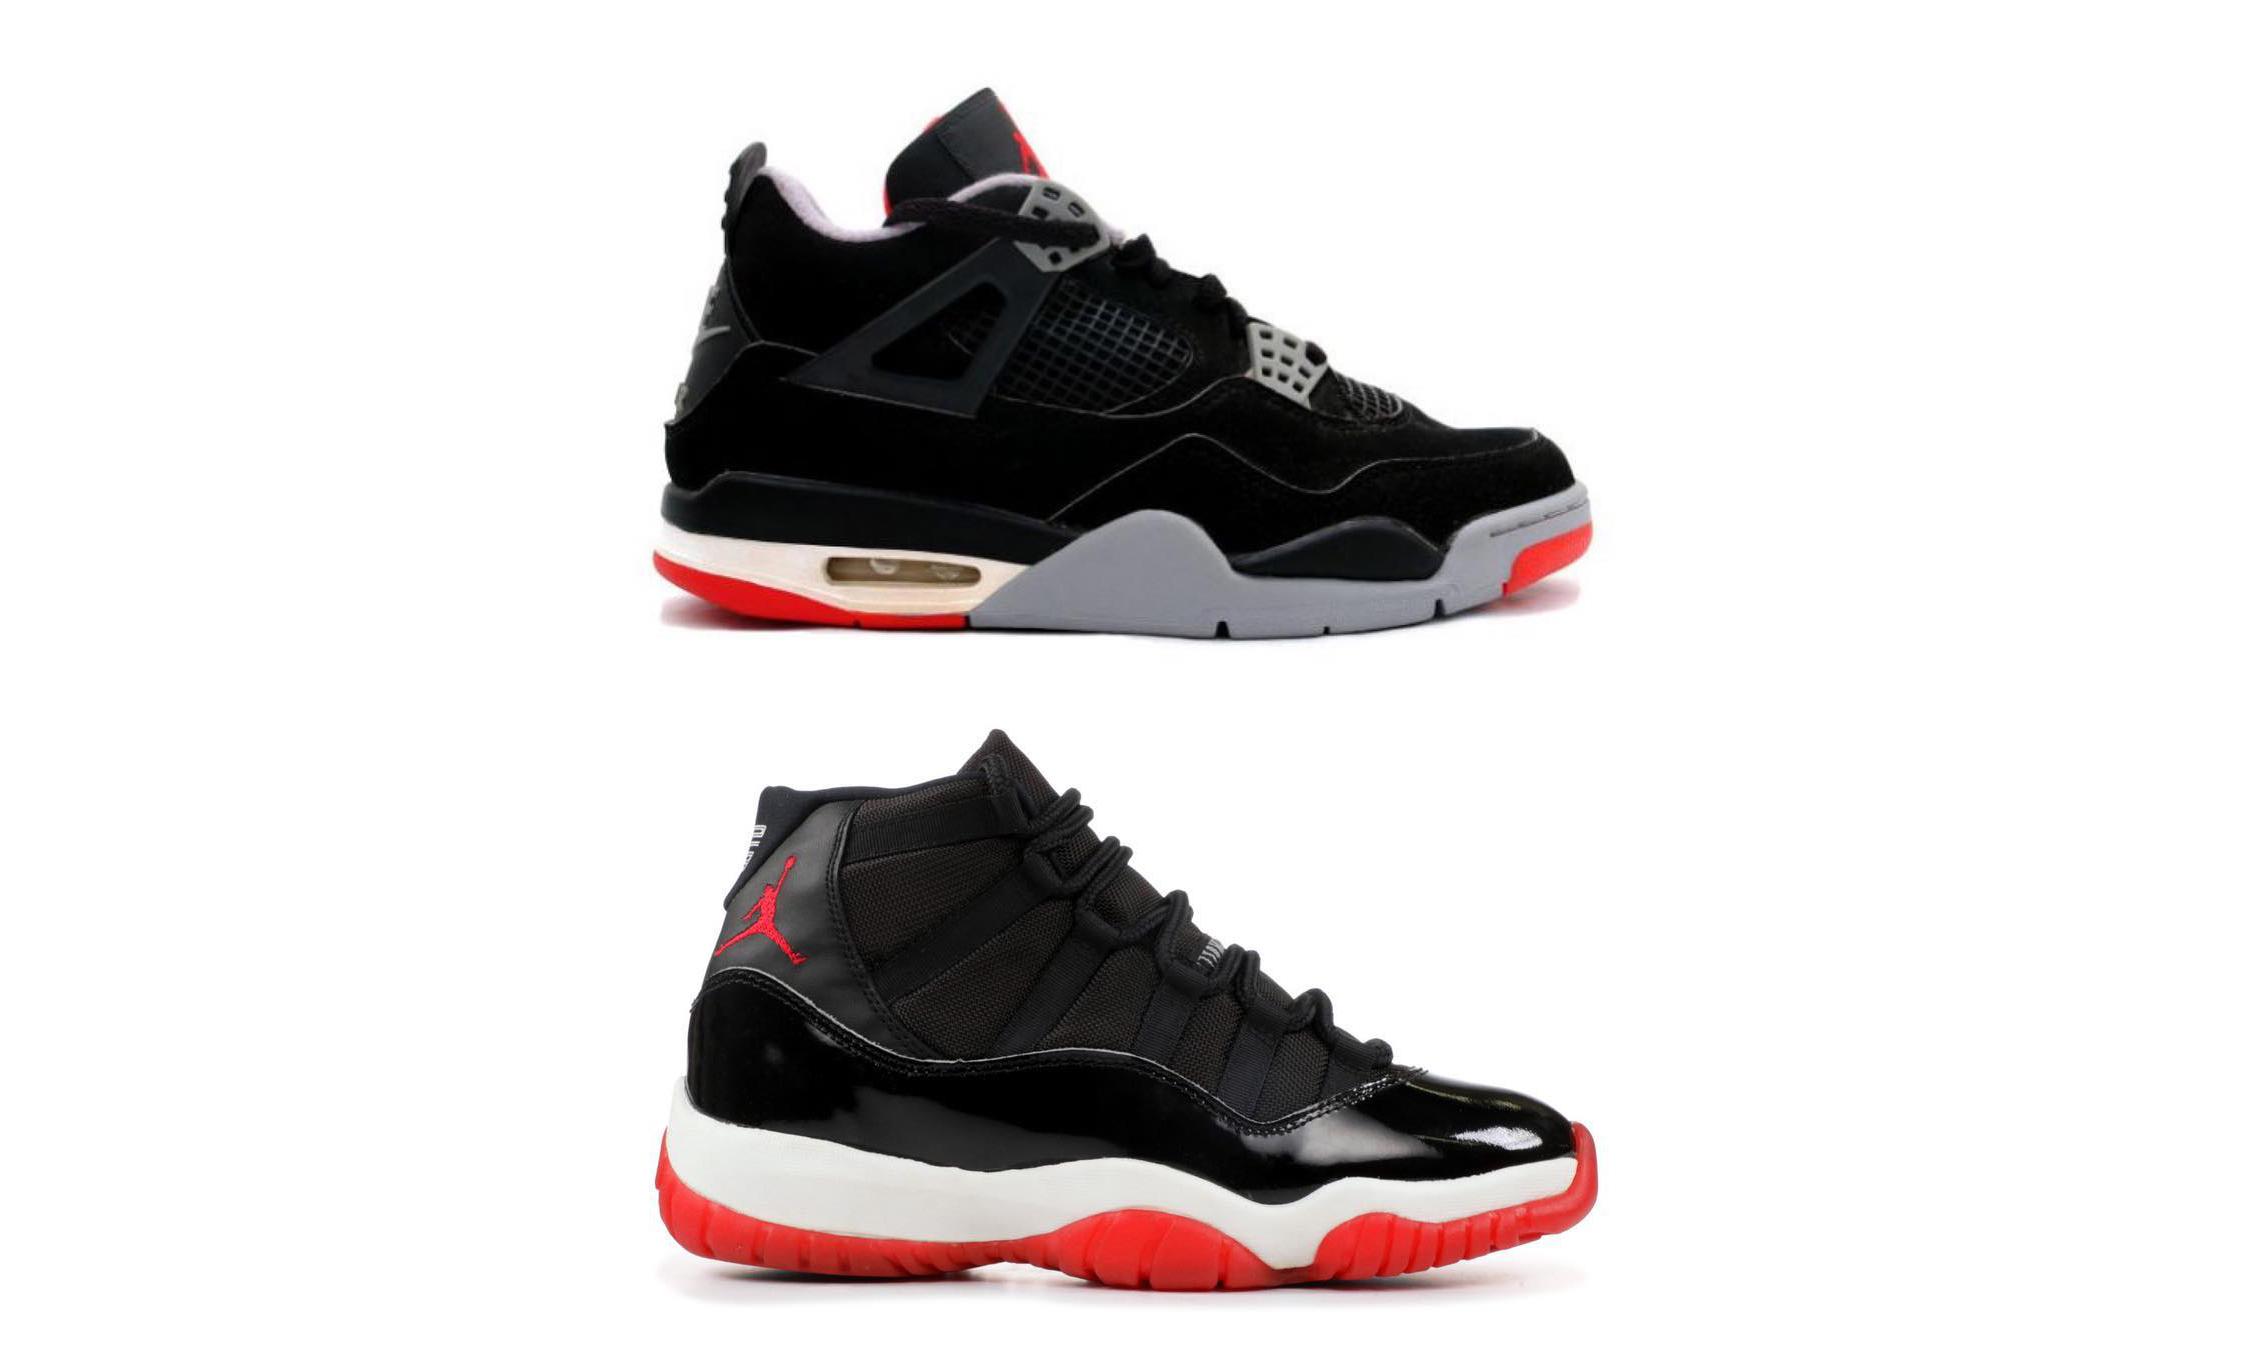 记住发售日期,今年最受期待的 Air Jordan 复刻有盼头了